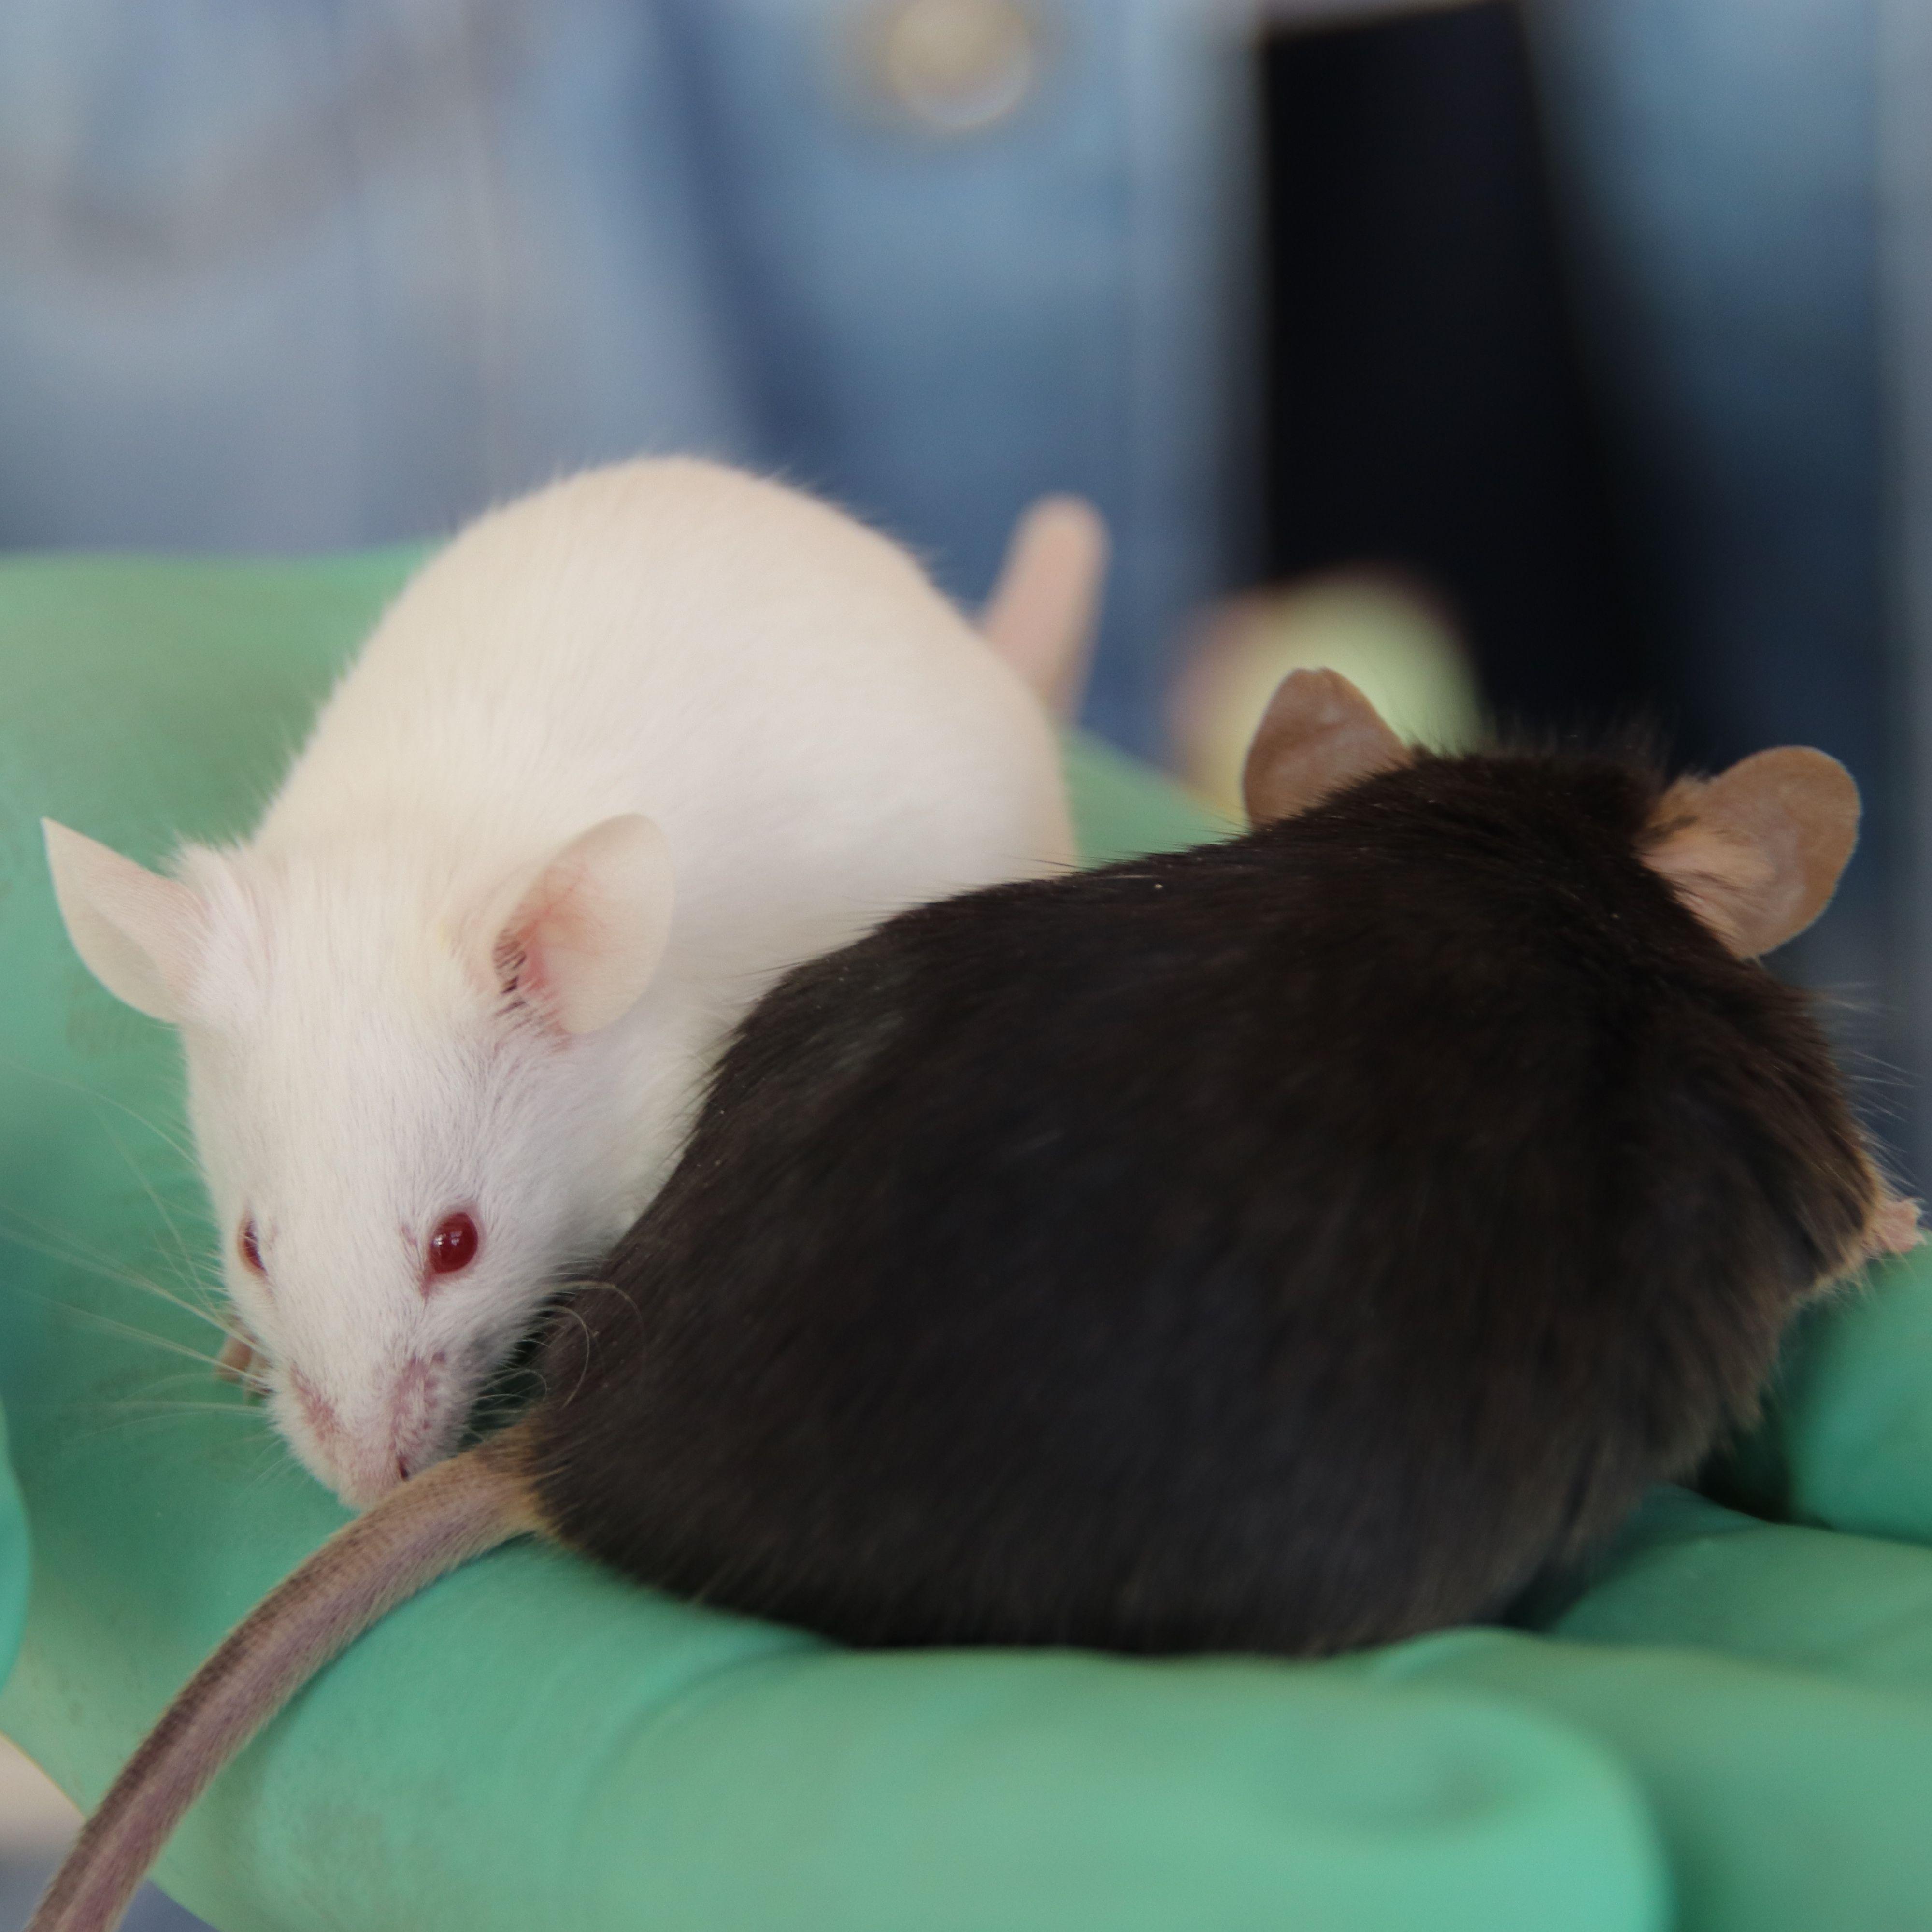 代谢研究相关小鼠模型